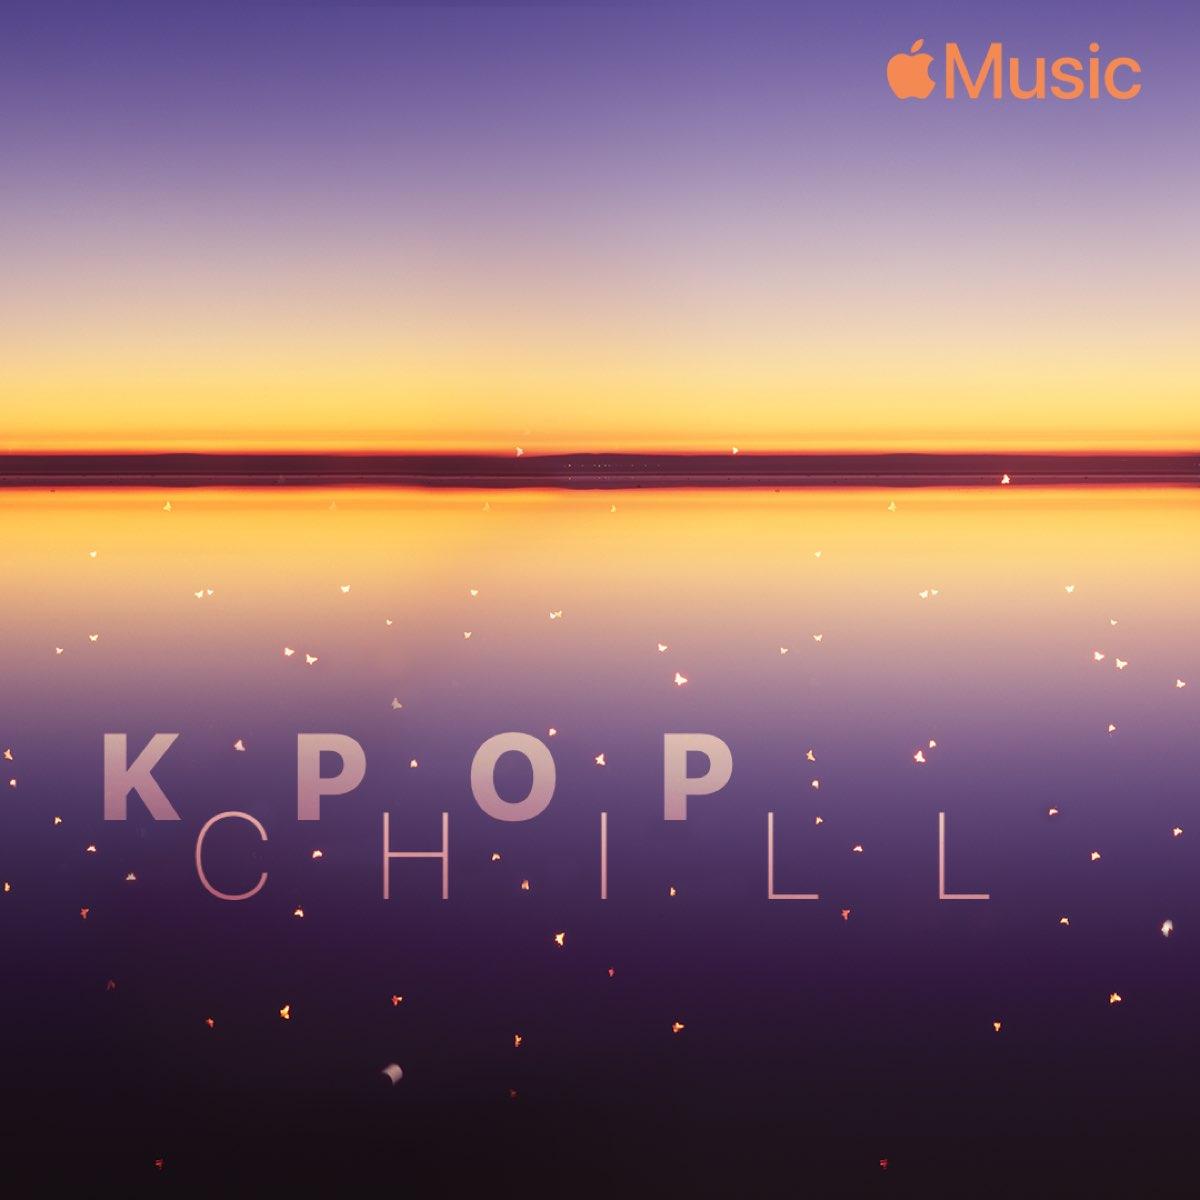 K-Pop Chill